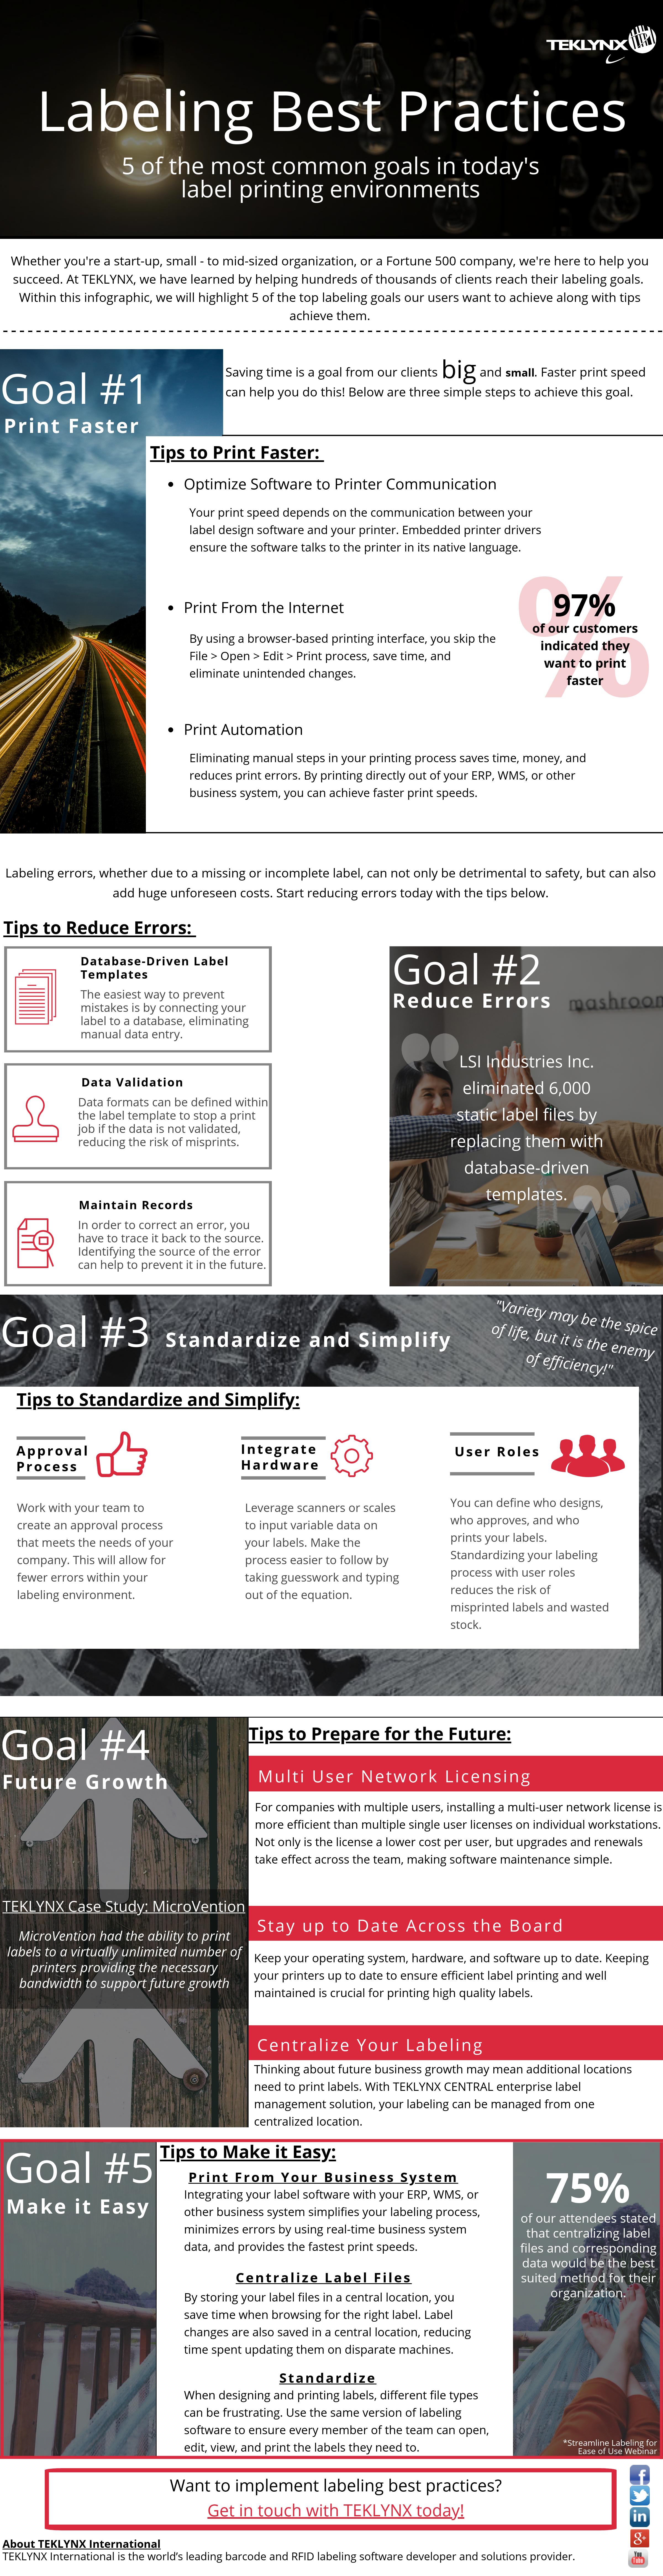 Bảng thông tin miễn phí: Biện pháp Thực hành Tiên tiến Nhất cho Ghi Nhãn mác